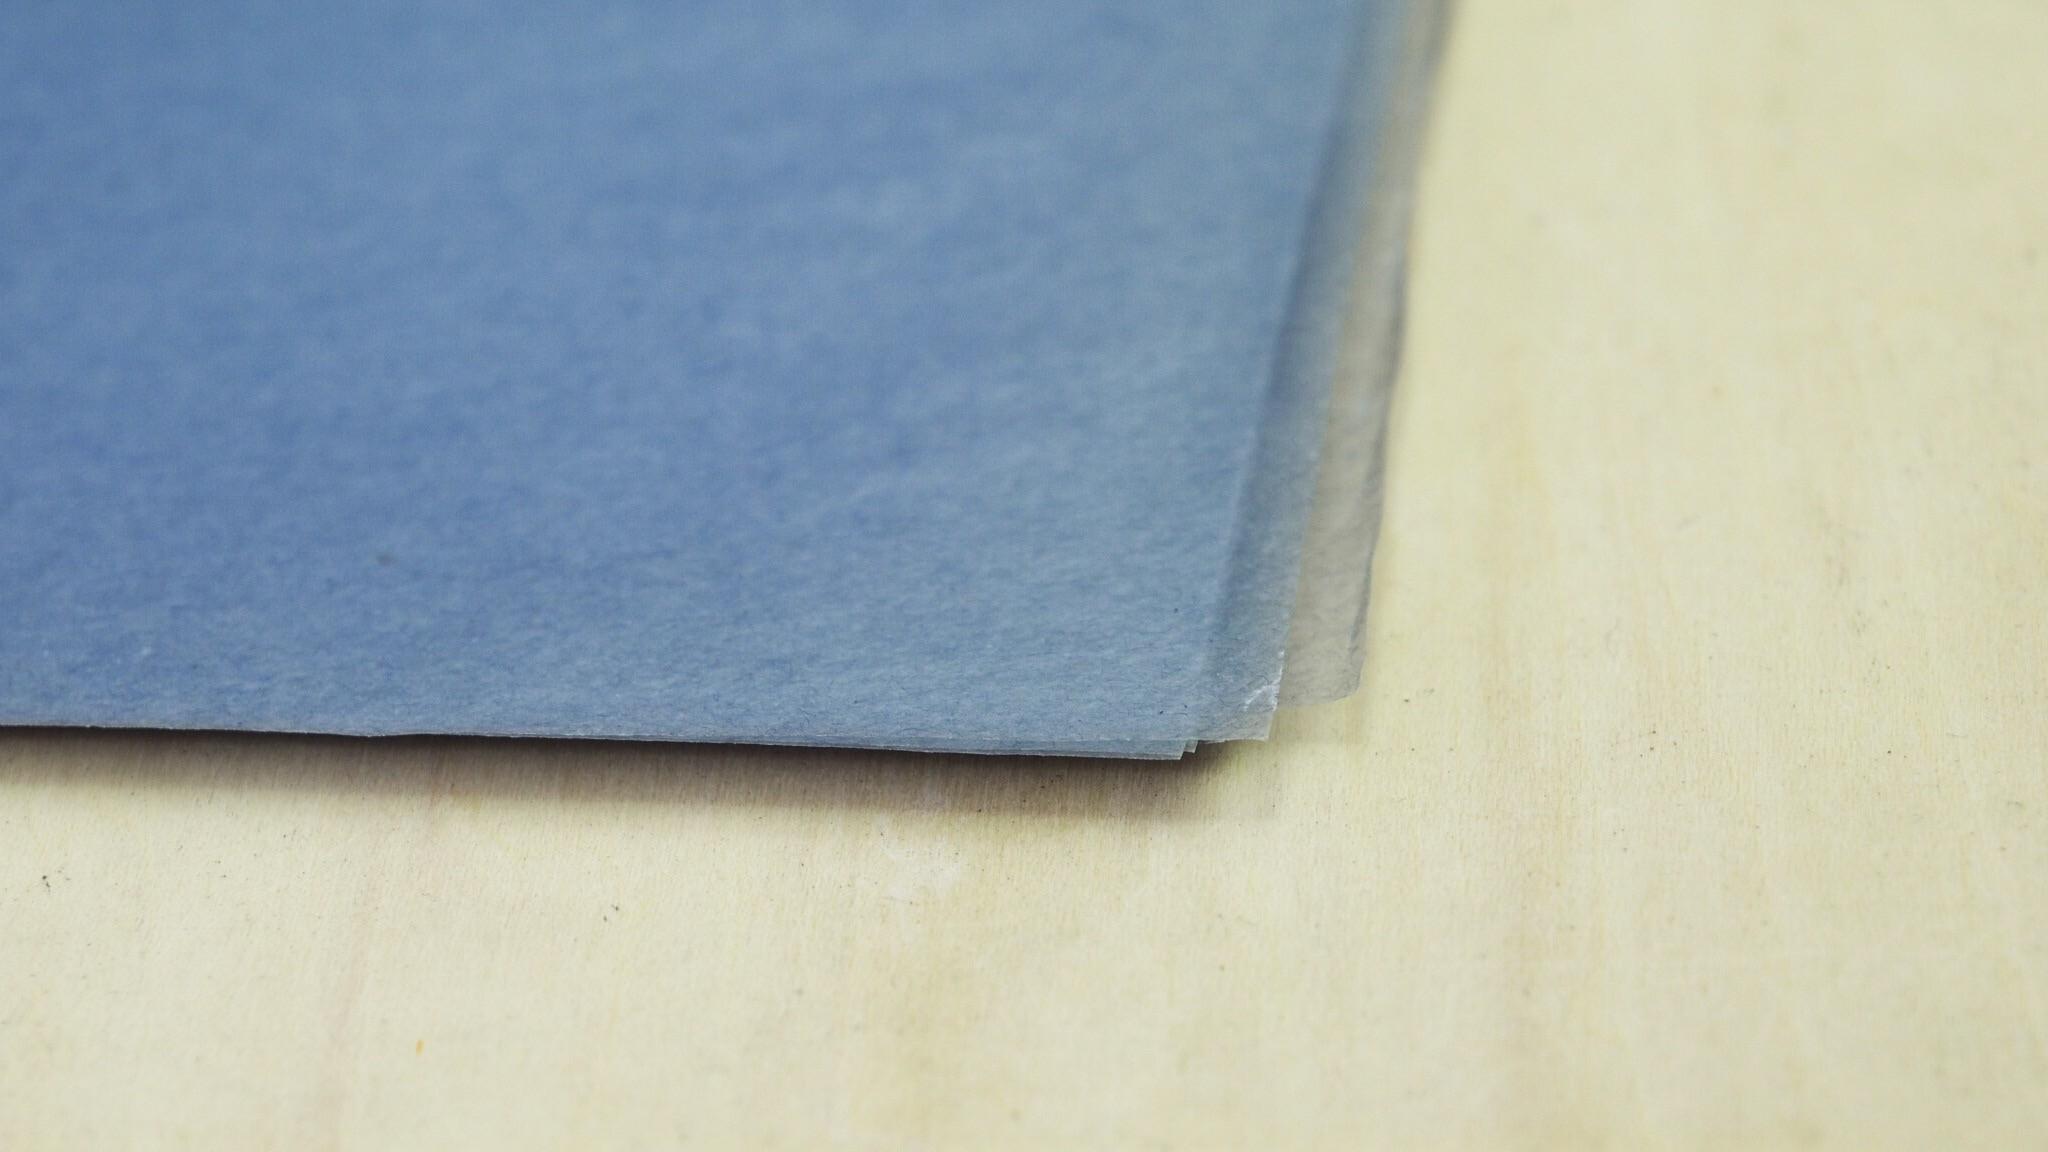 製造元原紙生紙変更のお知らせ